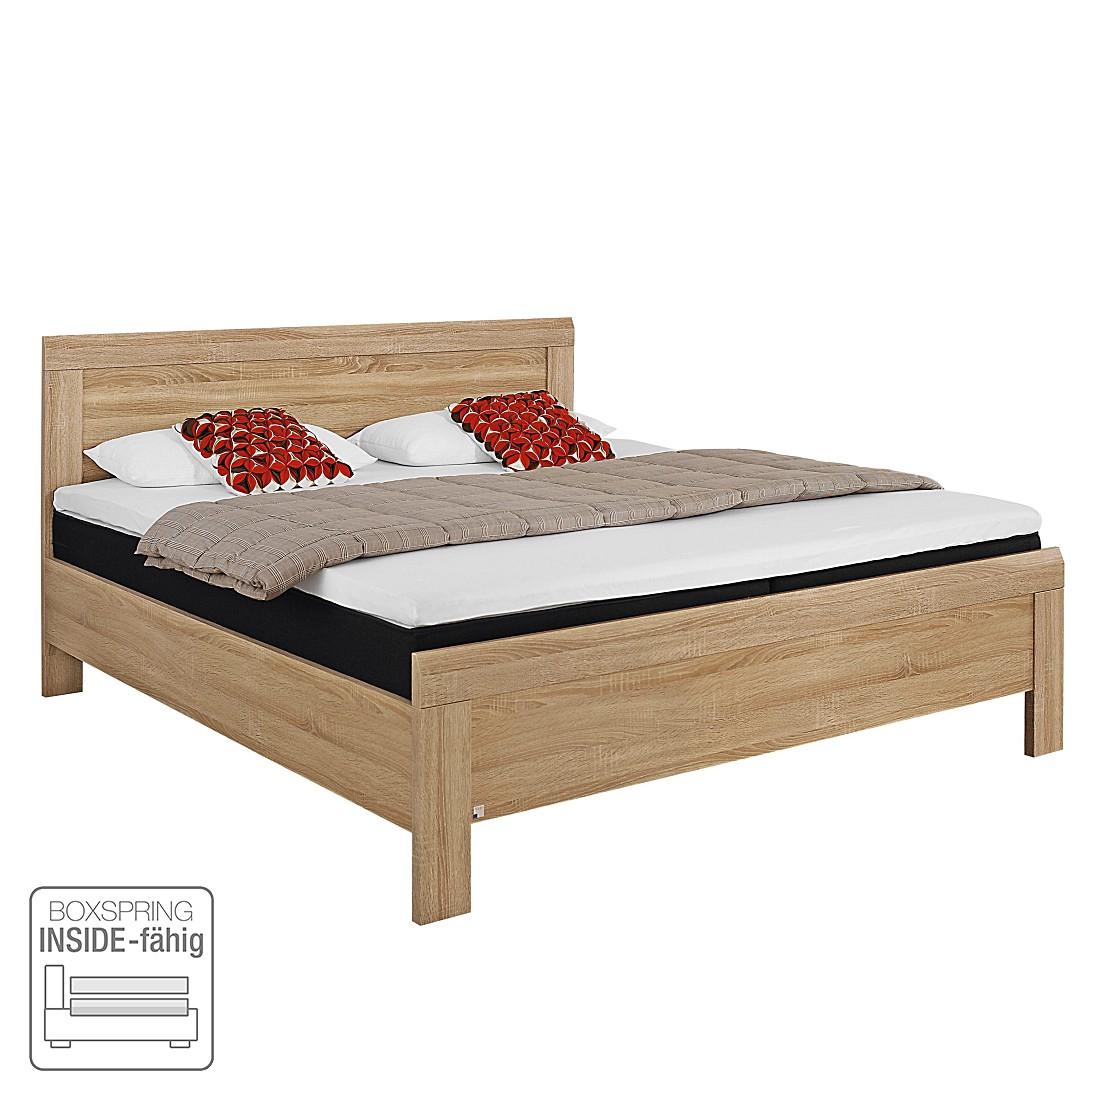 Lit confort Utrecht II (tête de lit basse) - 90 x 200cm - Chêne de Sonoma, Rauch Packs